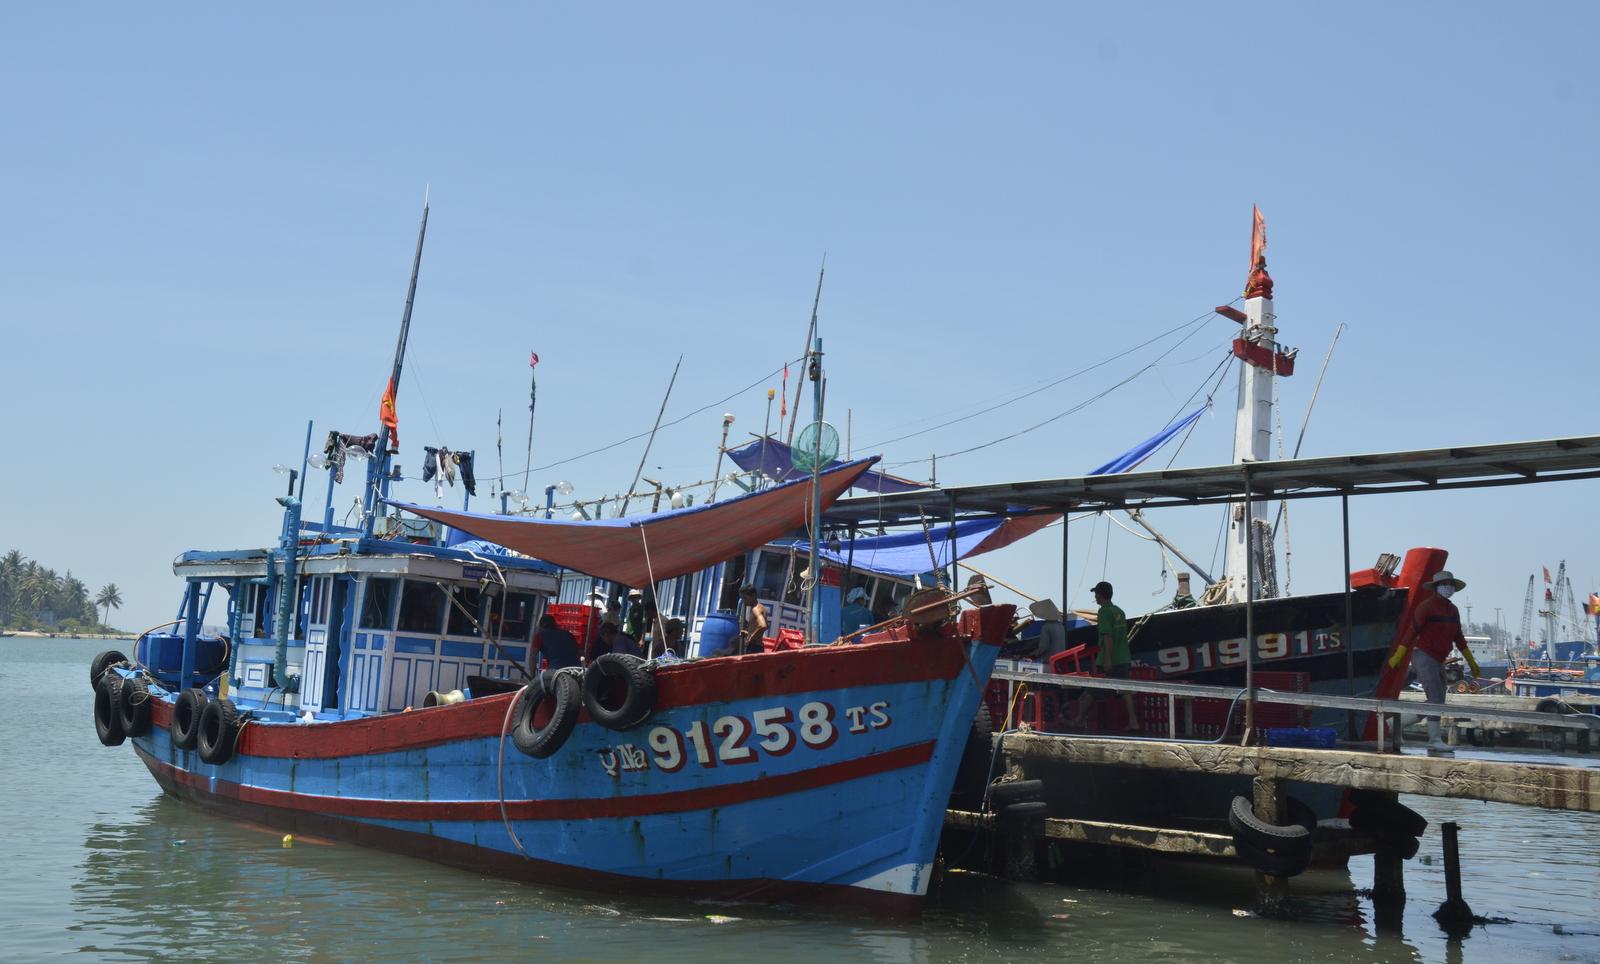 Tàu cá của ngư dân Núi Thành tại bến cá Tam Quang chuẩn bị cho chuyến đi Hoàng Sa - Trường Sa. Ảnh: XUÂN THỌ